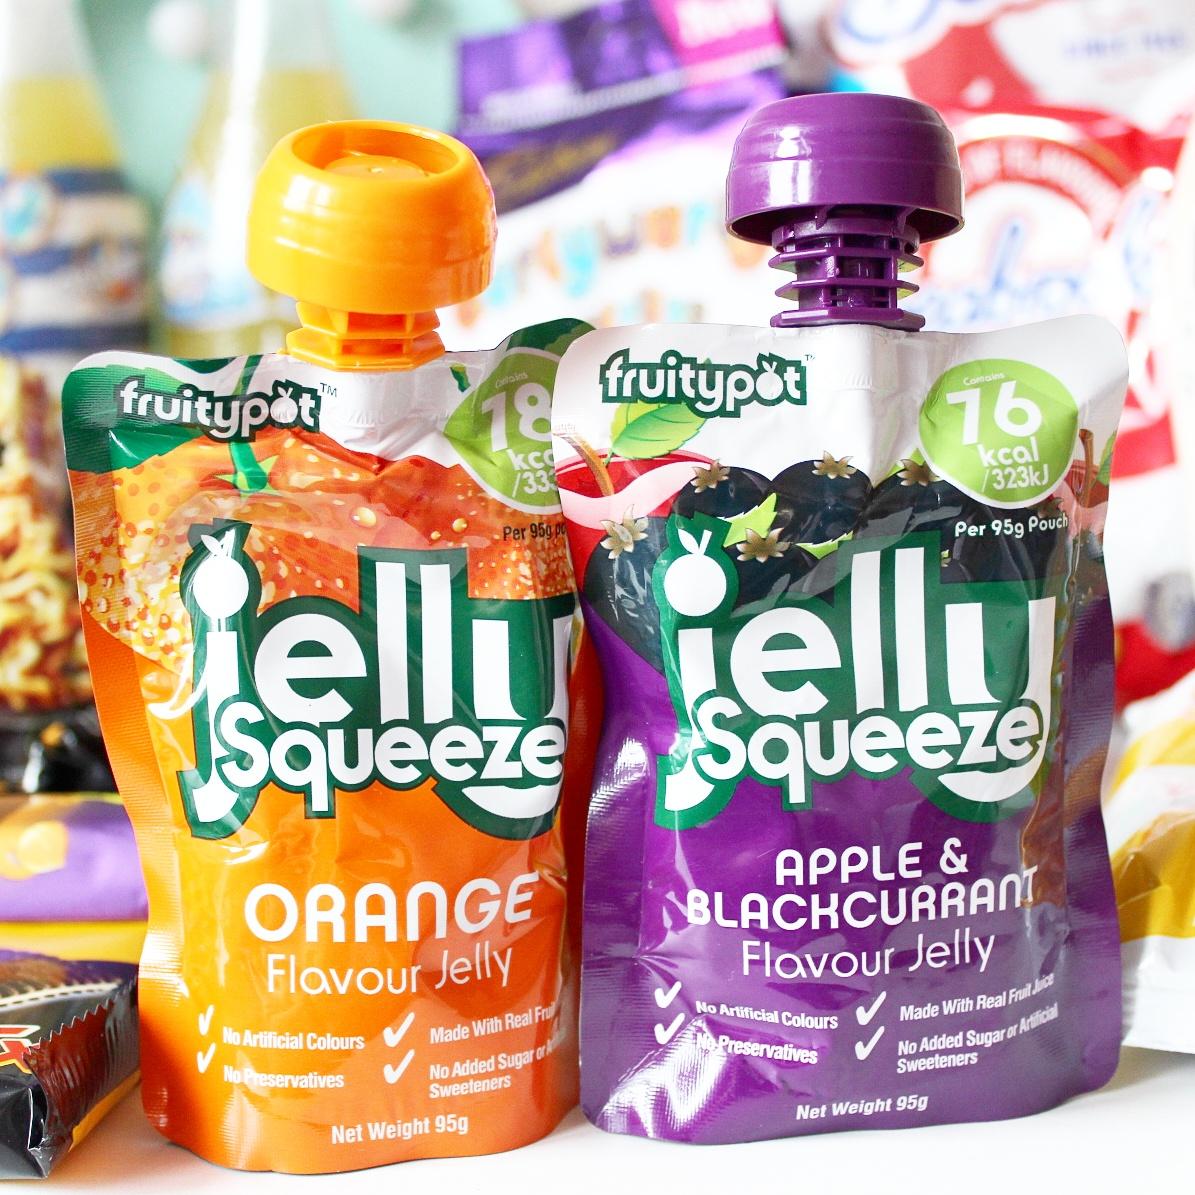 JellySqueeze